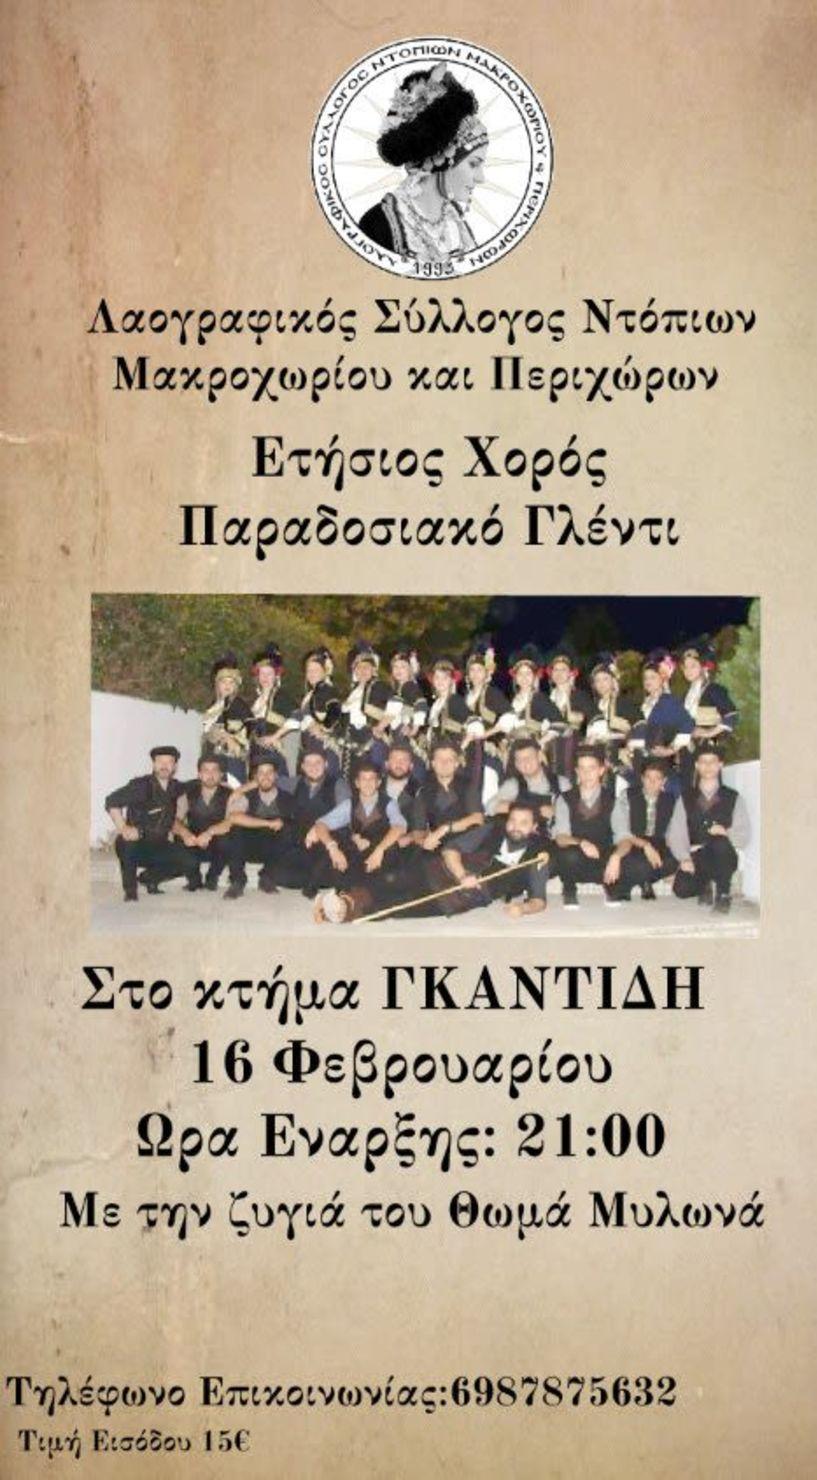 Ετήσιος χορός του Συλλόγου Ντόπιων Μακροχωρίου και περιχώρων